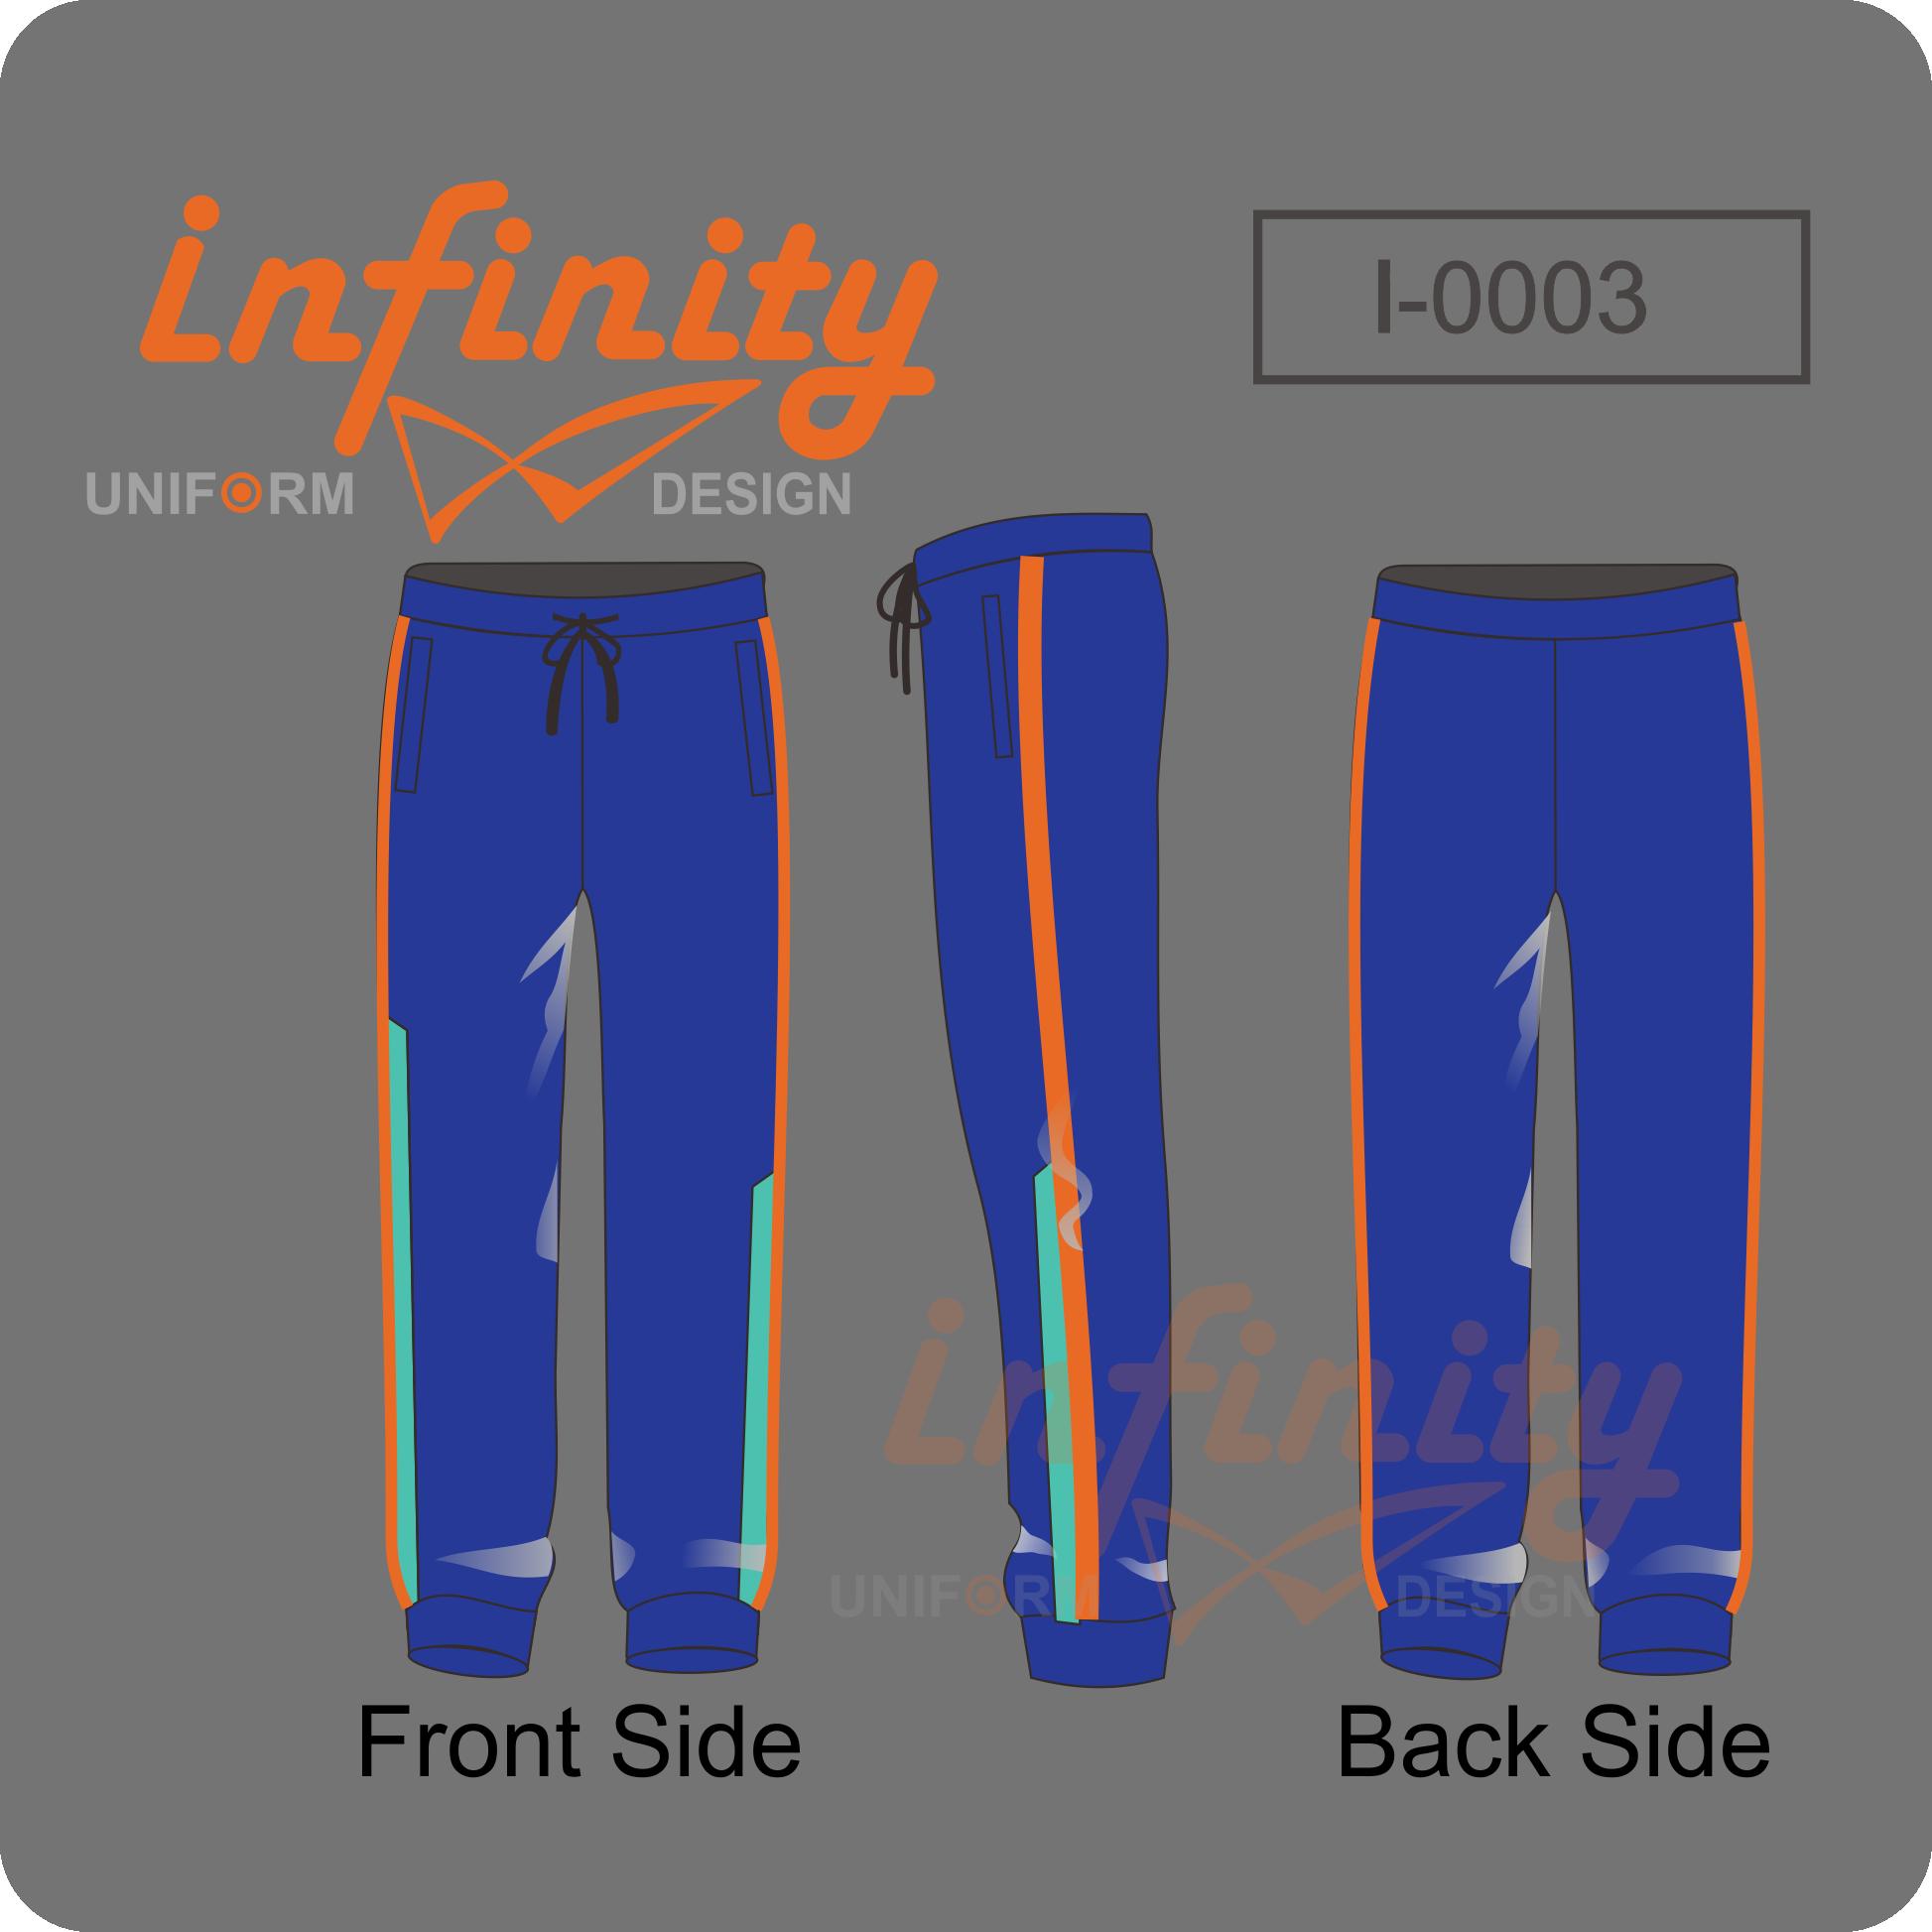 กางเกงวอร์ม Warm Pants รับสั่งผลิตเสื้อยูนิฟอร์ม เสื้อโปโล เสื้อยืด ชุดกีฬา ราคาถูก